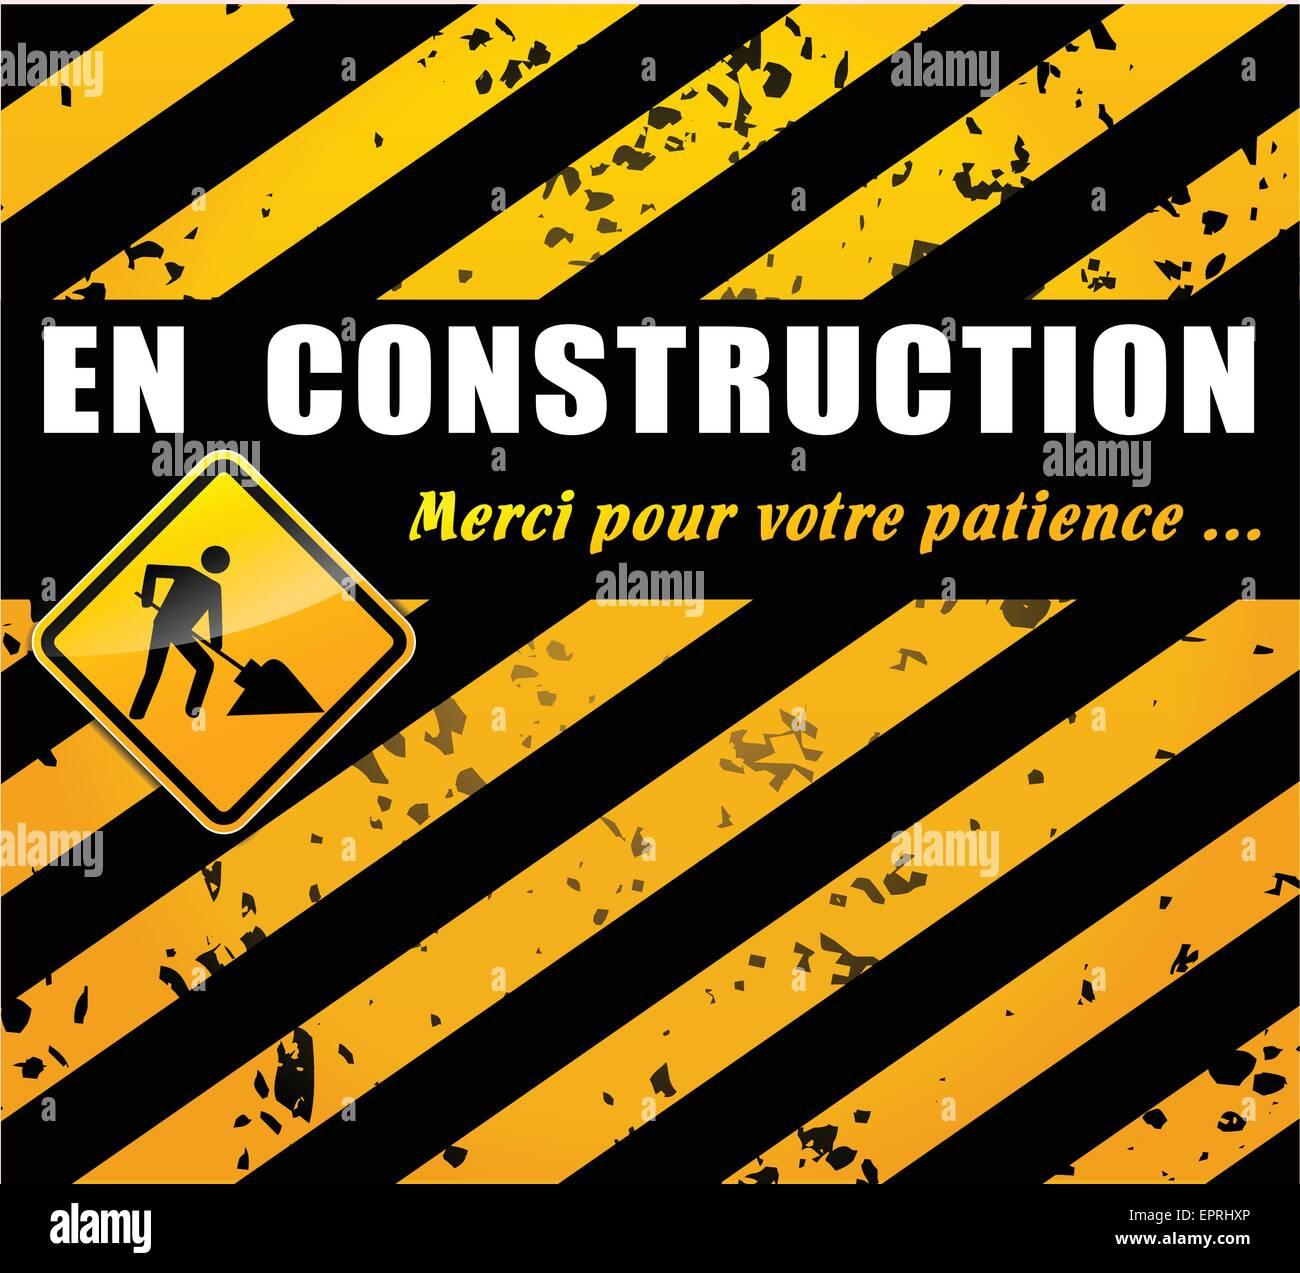 Traduction Francaise De La Page Du Site Web En Construction Vecteurs